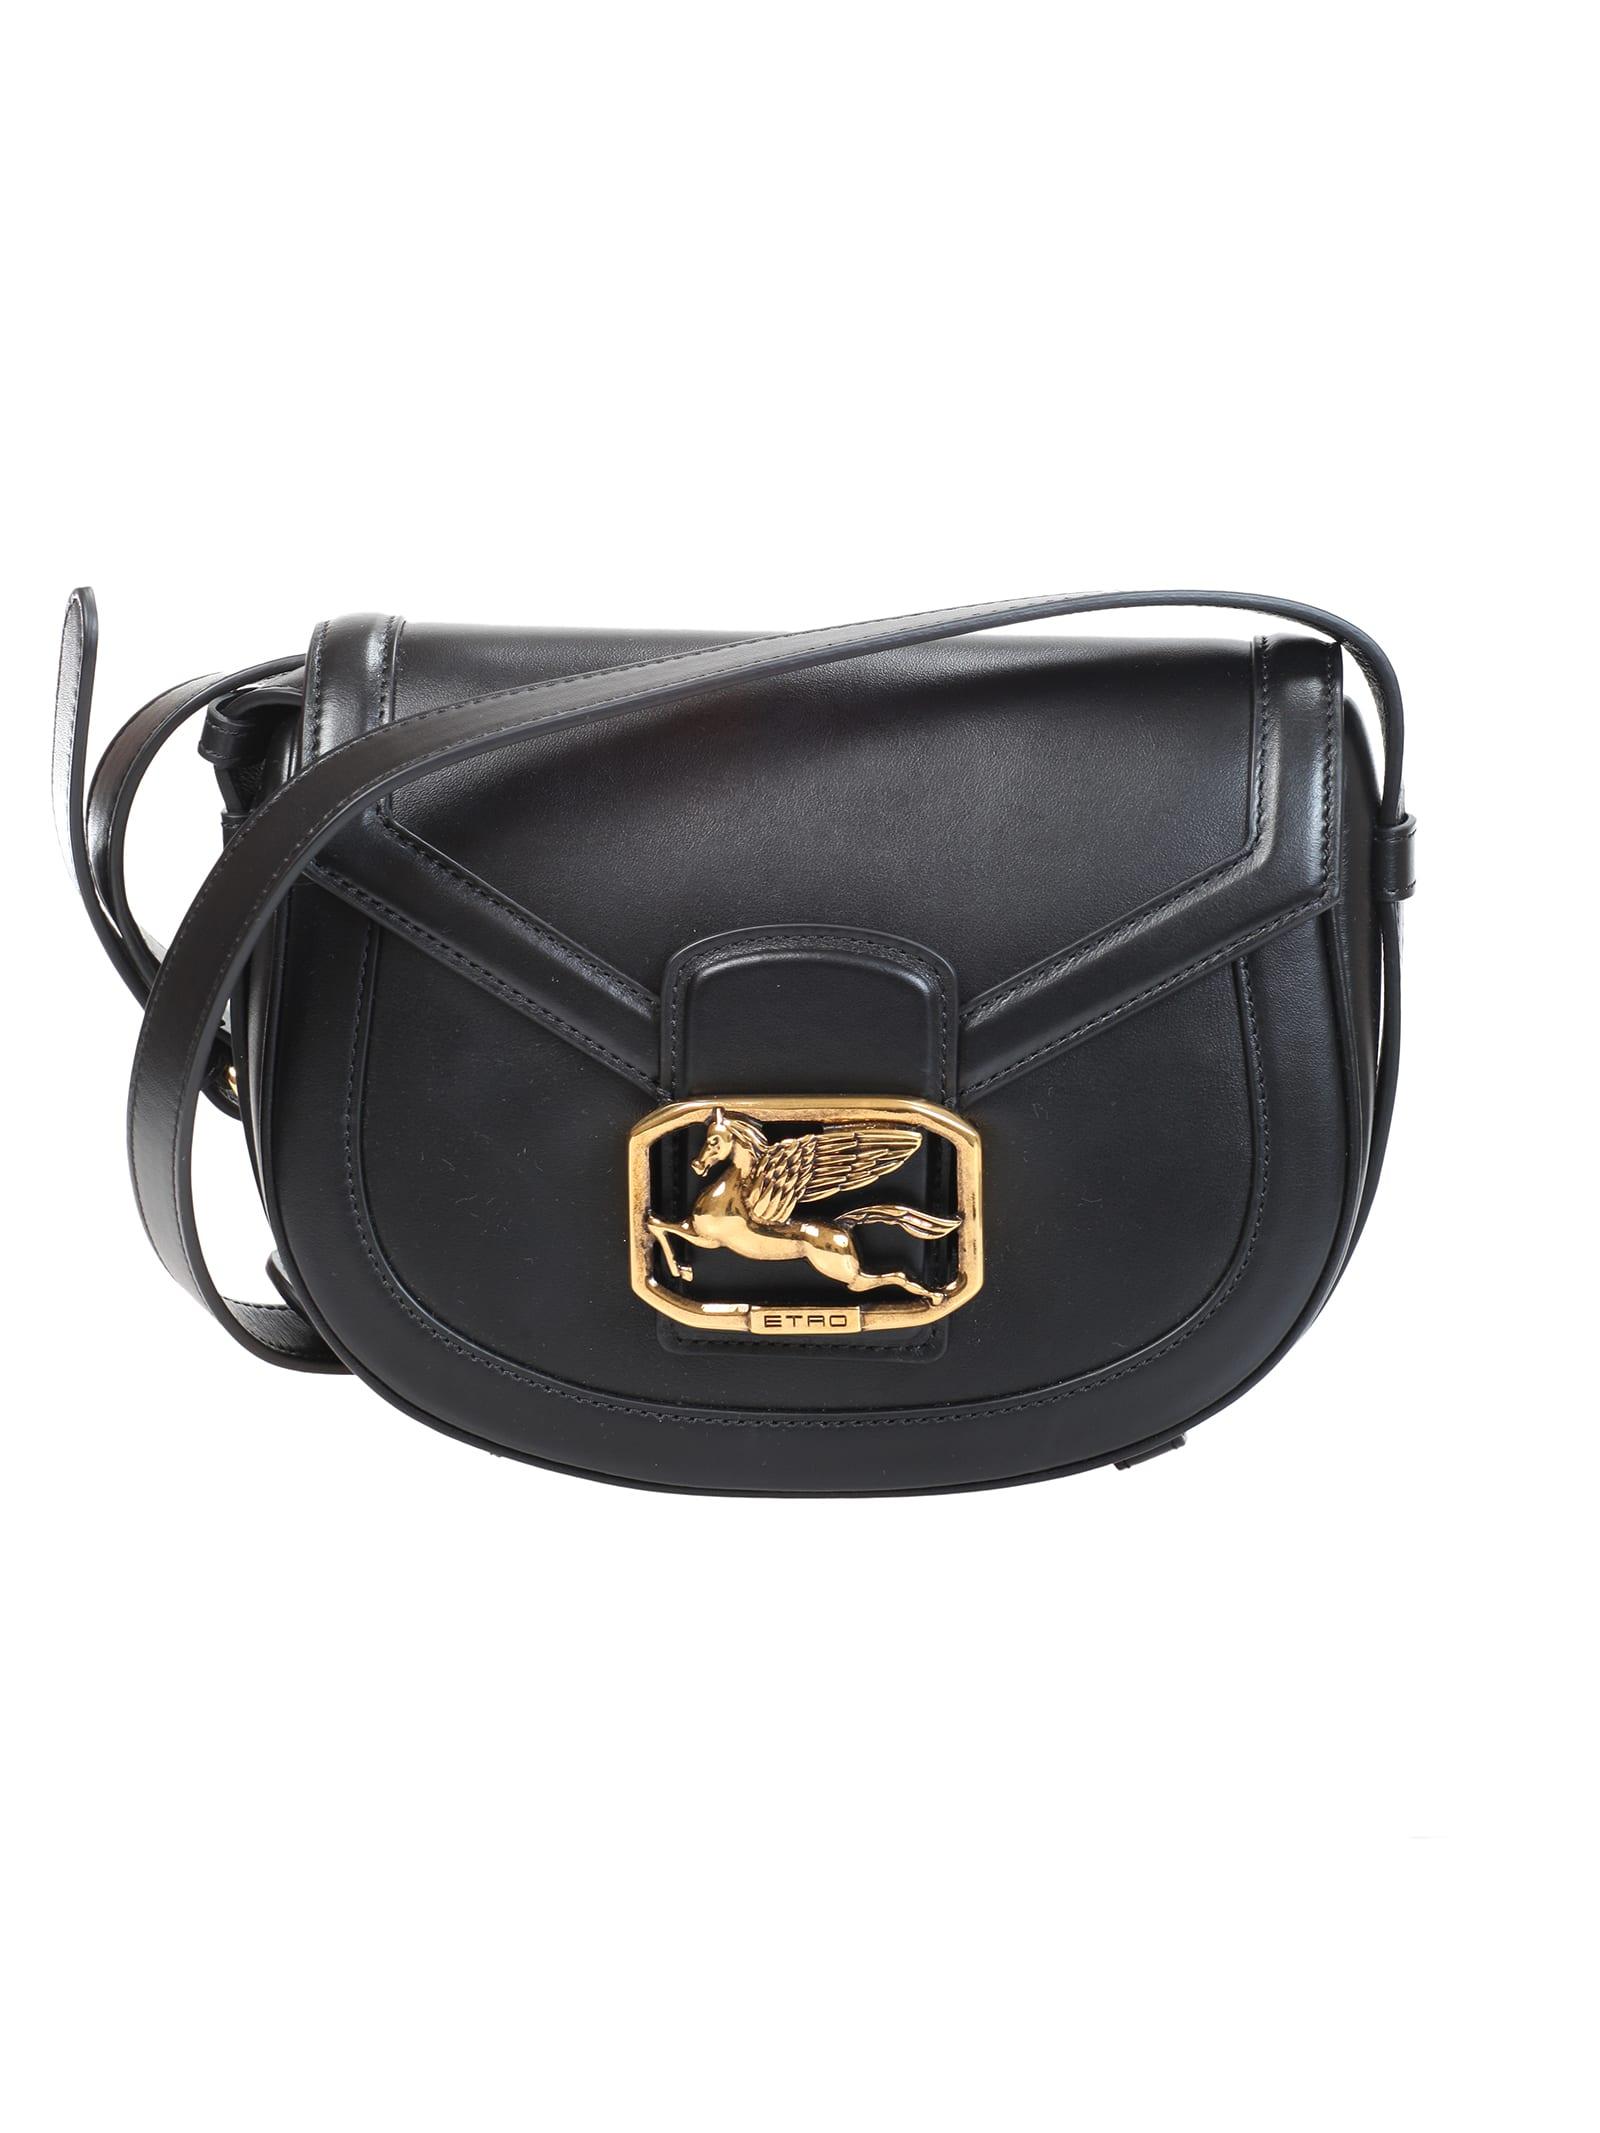 Etro Pegaso leather bag